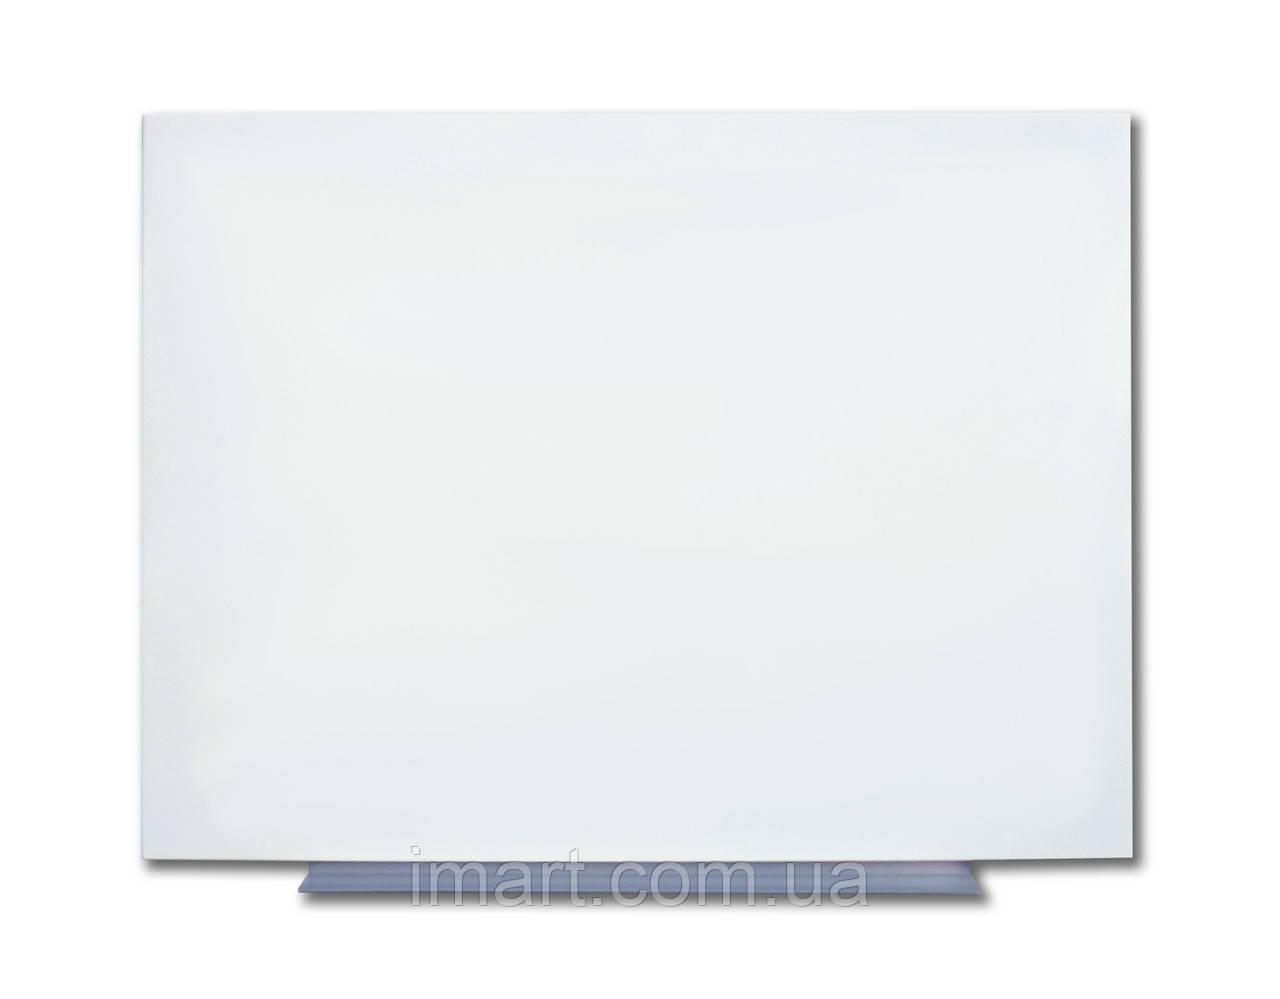 Купить Магнитно-маркерная белая доска премиум качества Tetris. Для надписей сухостираемыми маркерами. Біла маркерна 75х100 см, Тетрис